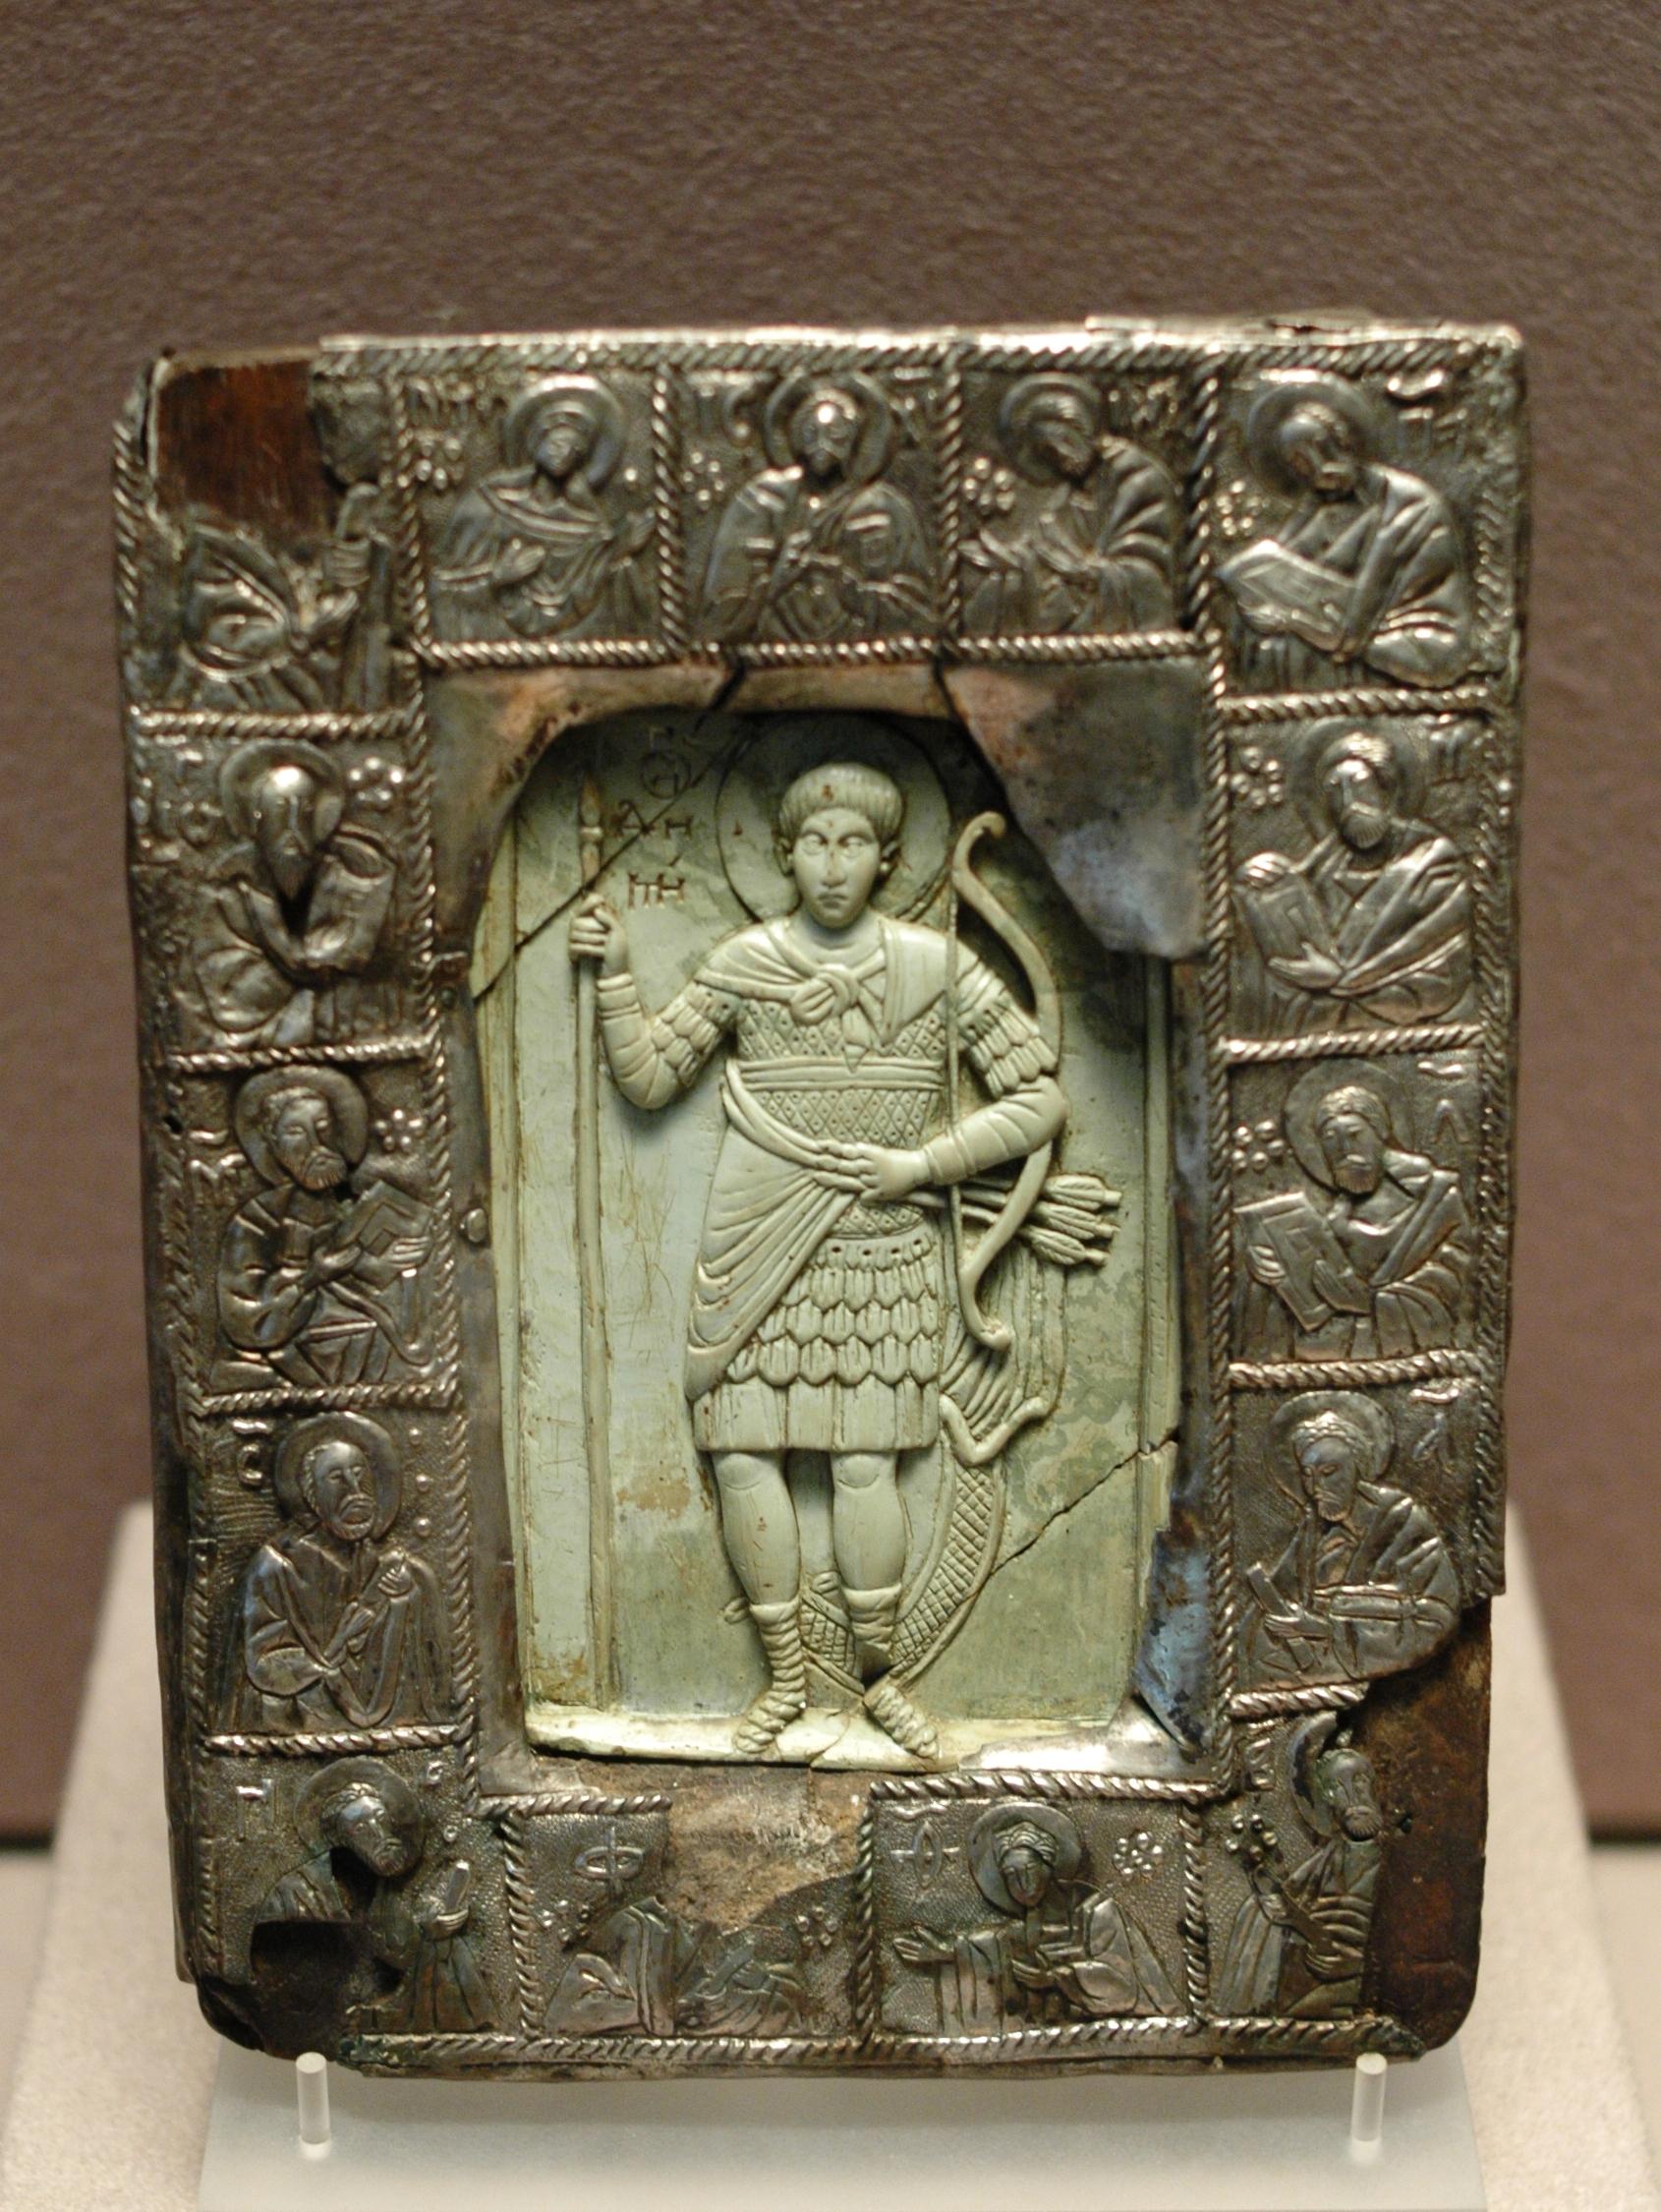 Escultura bizantina - Wikipedia, la enciclopedia libre